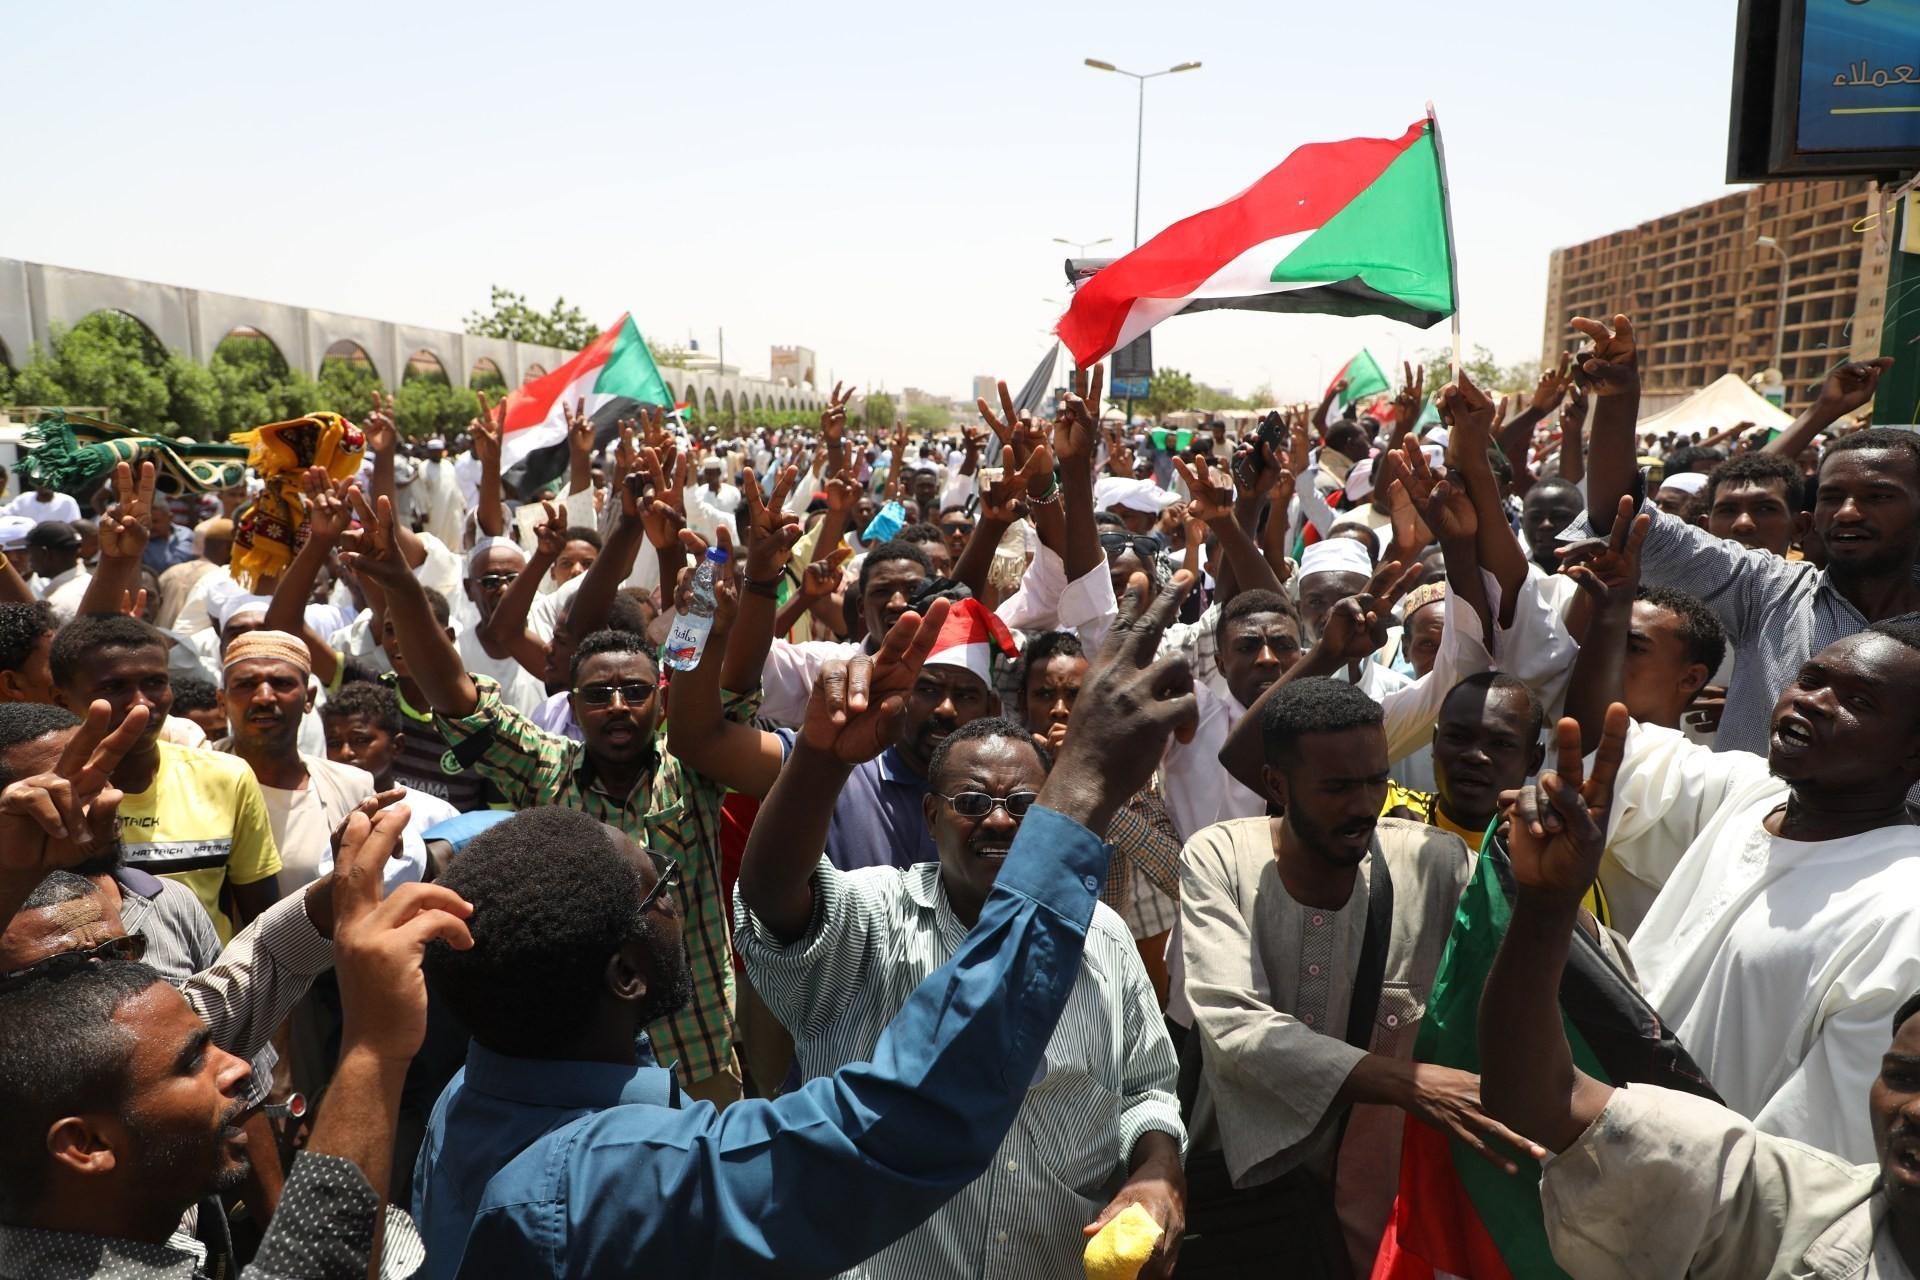 Sudan'da baskıya rağmen halk susmuyor